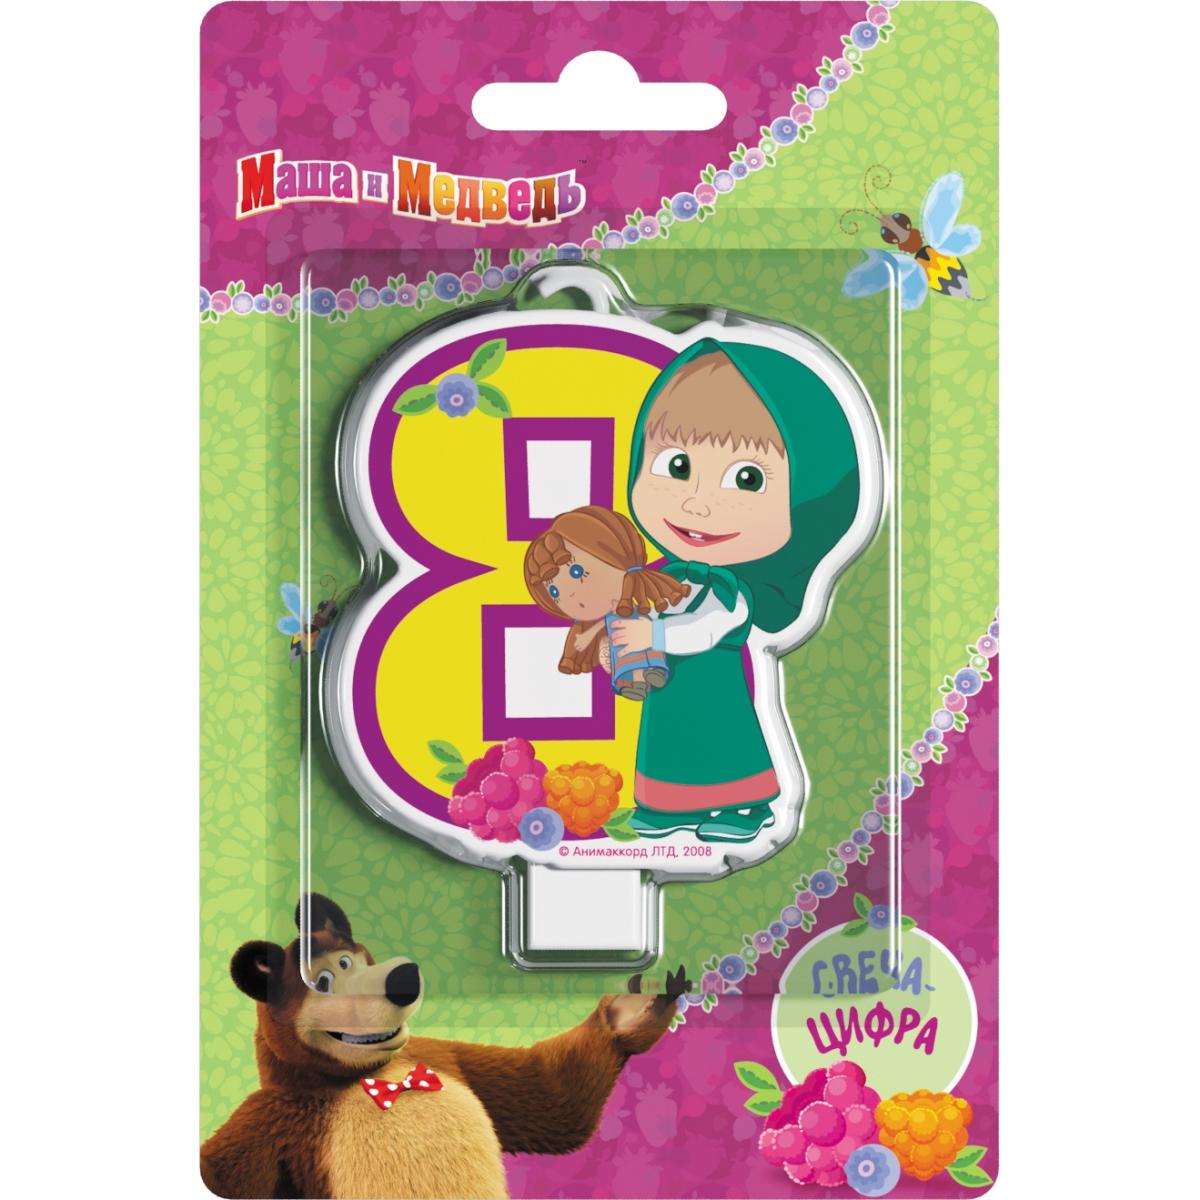 Маша и Медведь Свеча-цифра №8 отк 1 5 спальный день рождения маша и медведь